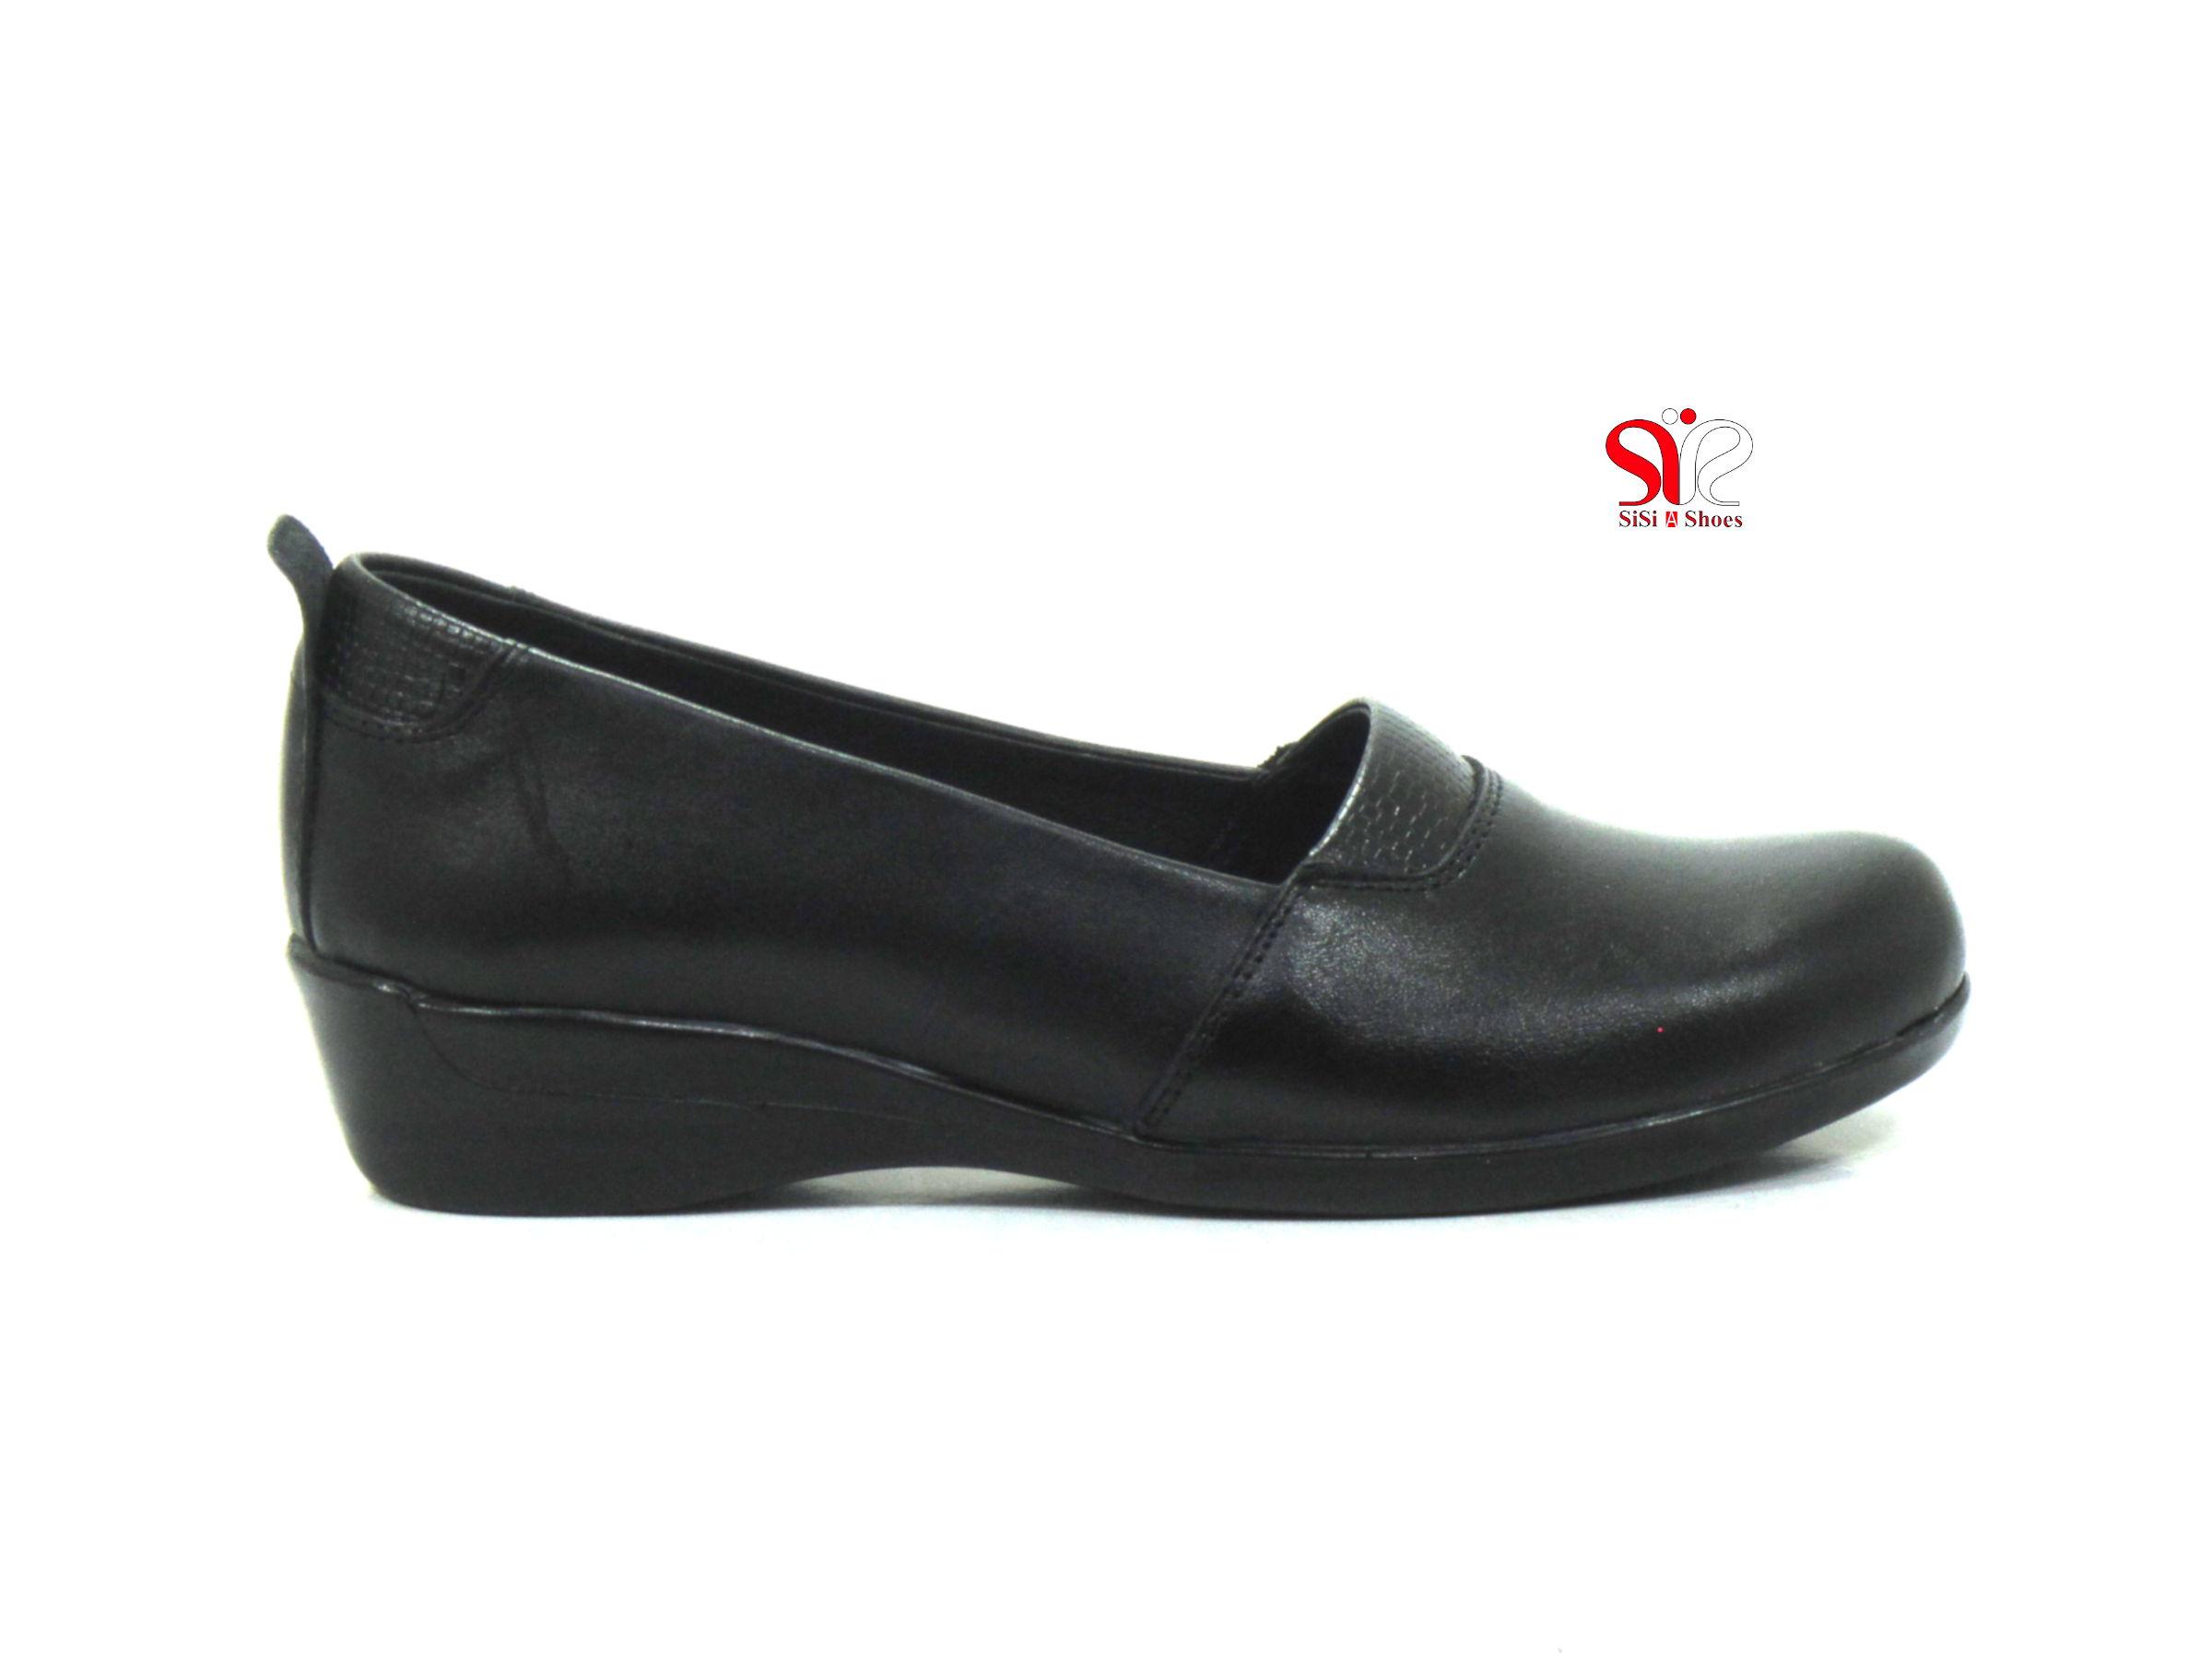 کفش زنانه آدریانا با لژ ۳/۵ سانتی متری - کفش زنانه سی سی